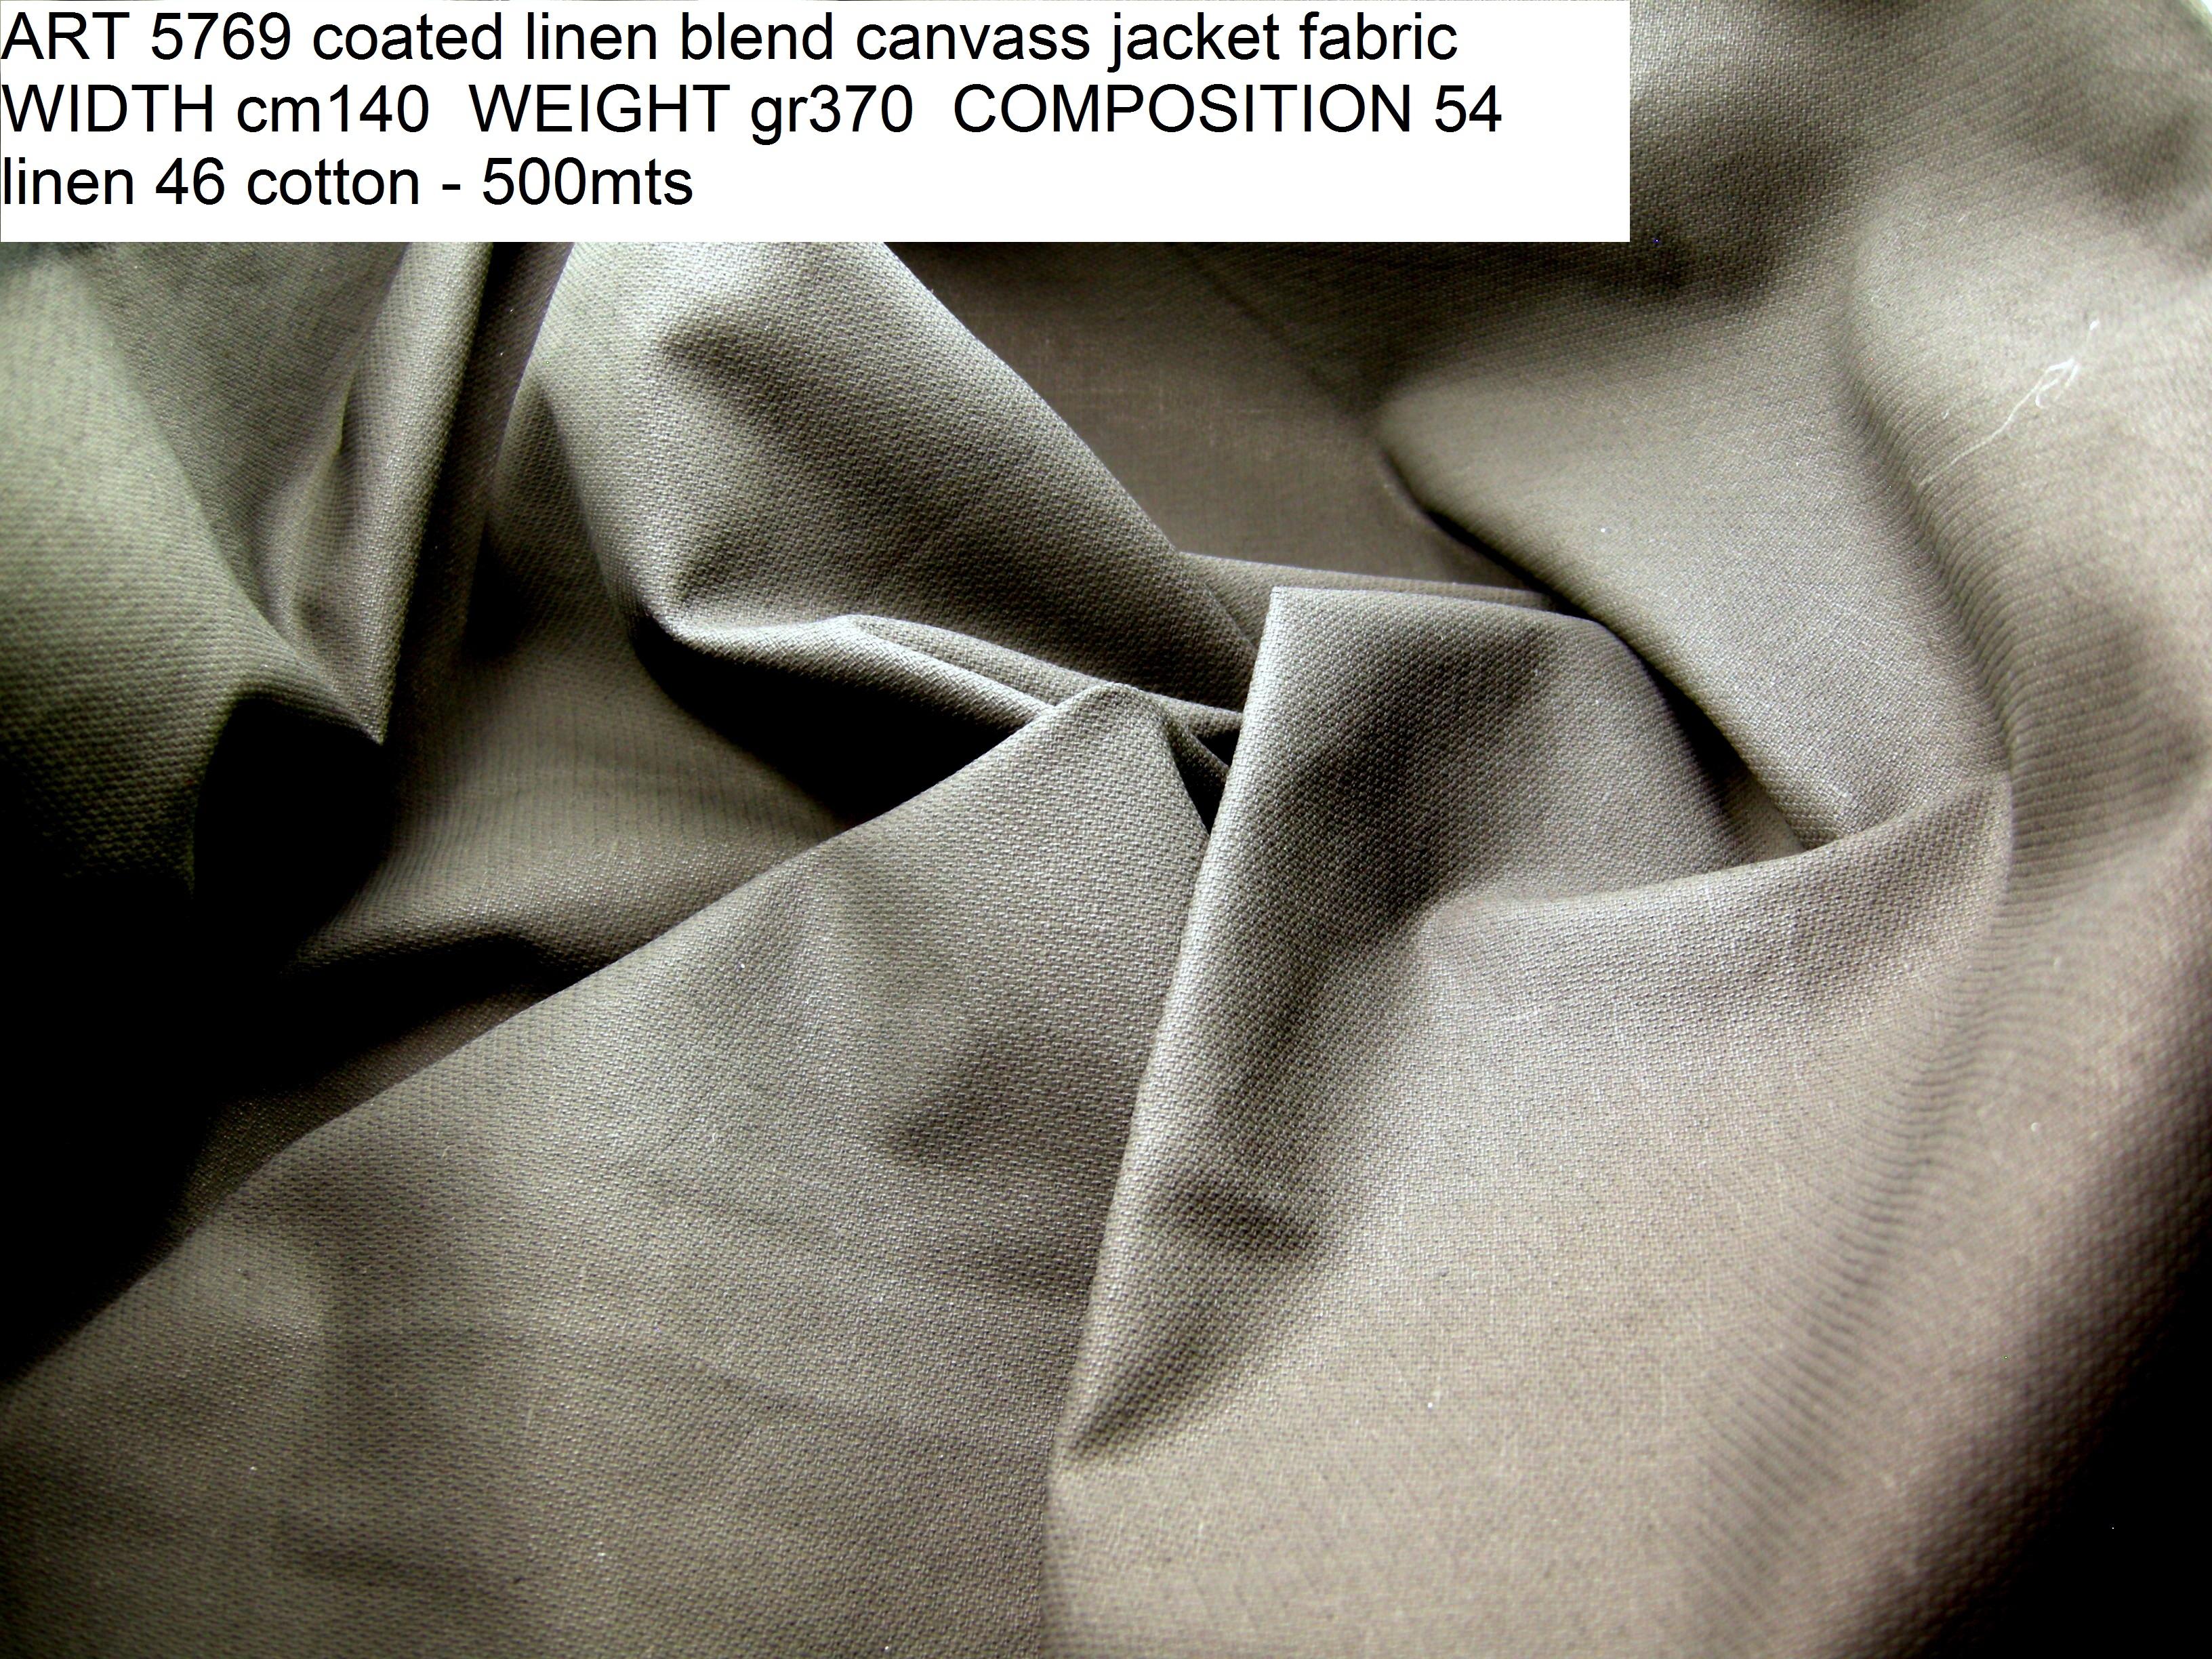 ART 5769 coated linen blend canvass jacket fabric WIDTH cm140 WEIGHT gr370 COMPOSITION 54 linen 46 cotton - 500mts